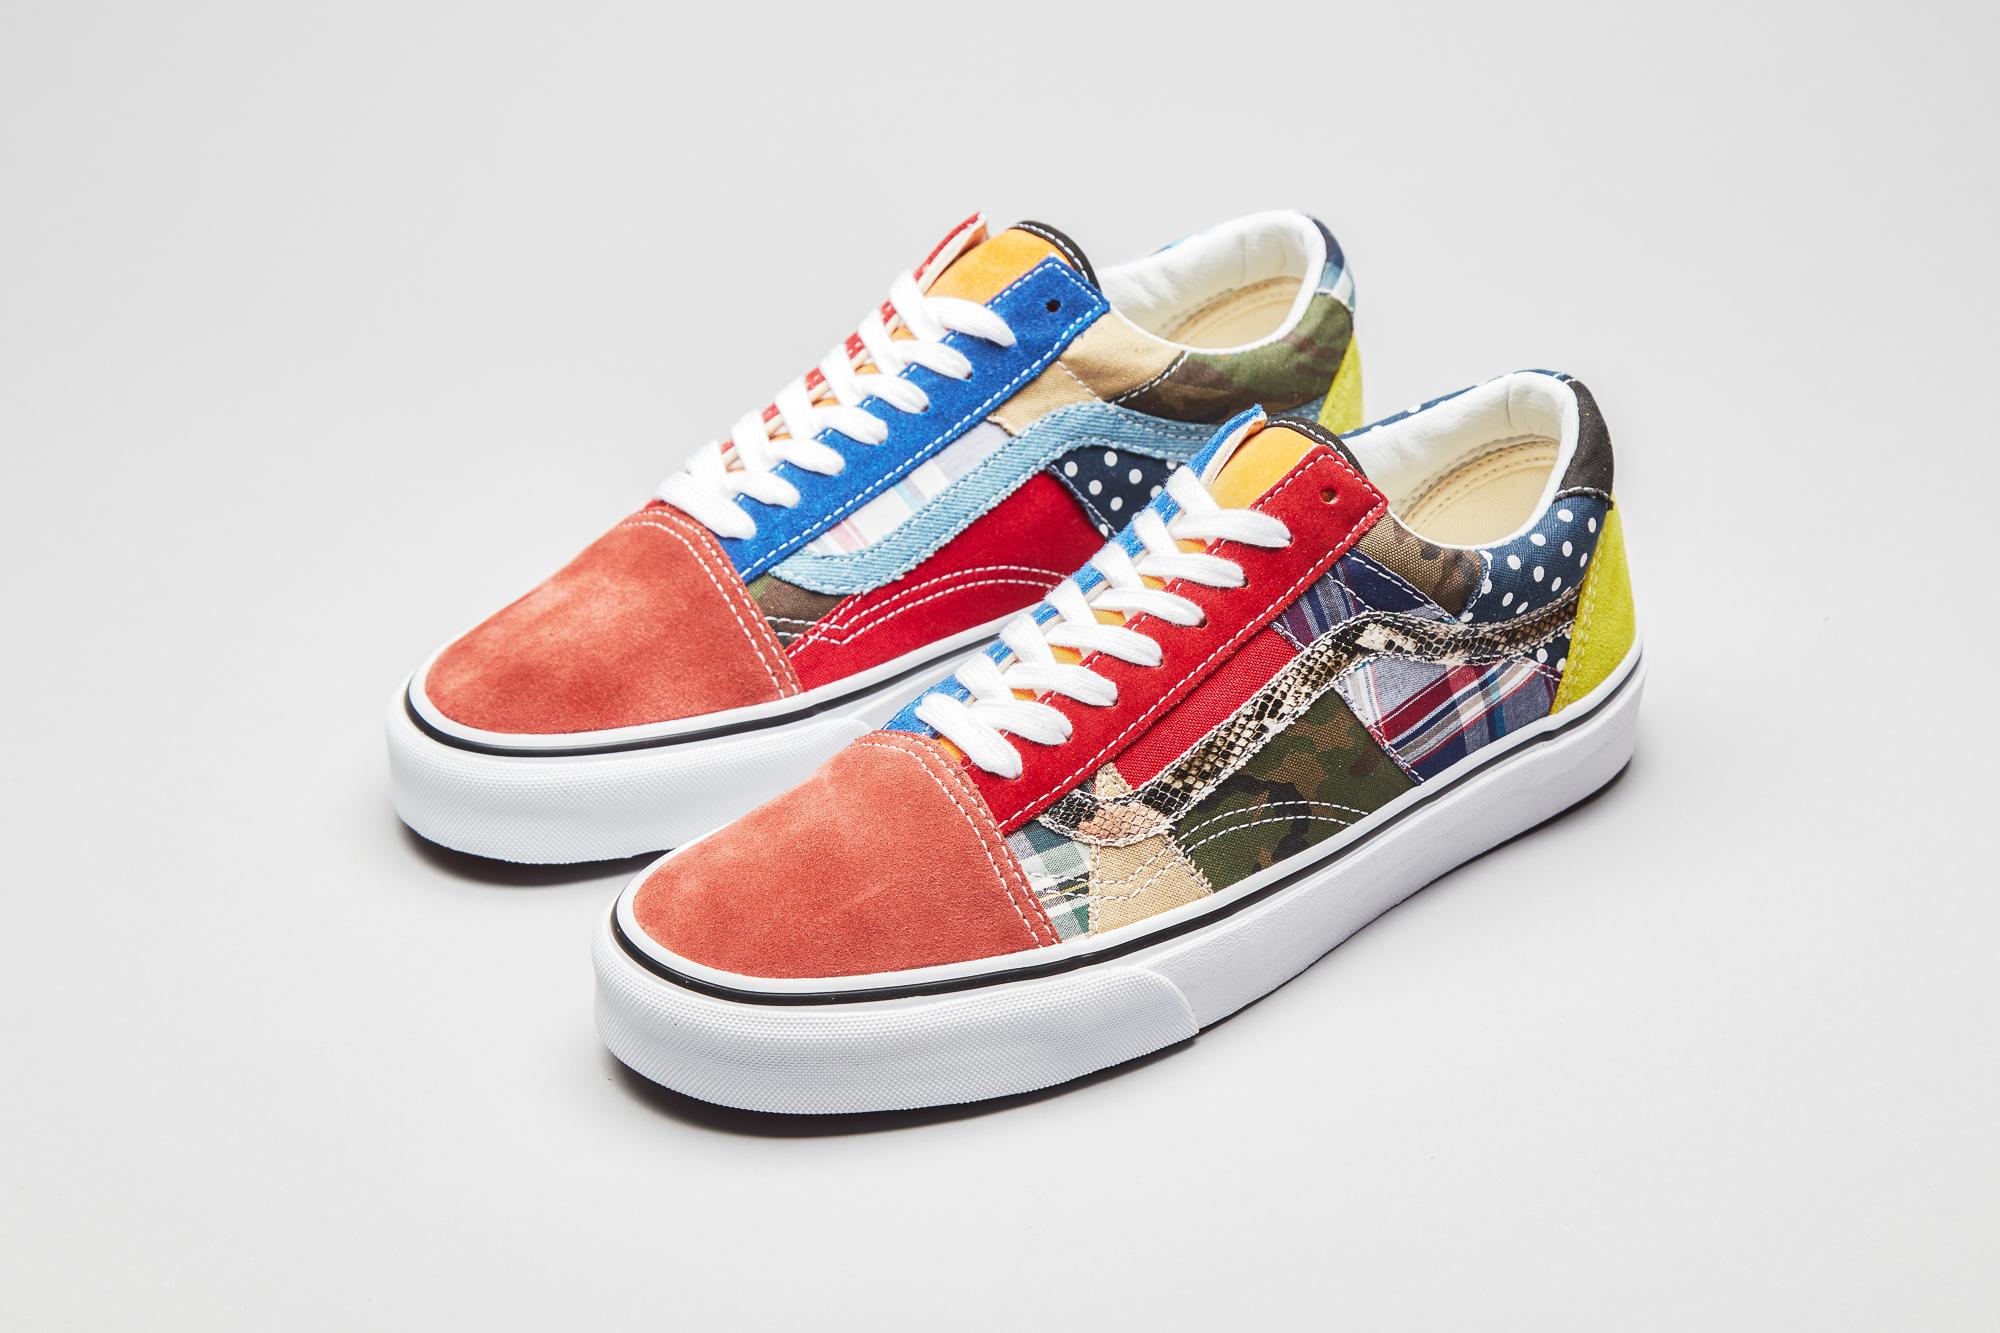 Sepatu Vans Old Skool Factory Floor 2018 - Sneaker Vans Terbaru Info Harga Retail & Rilis Limited Edition